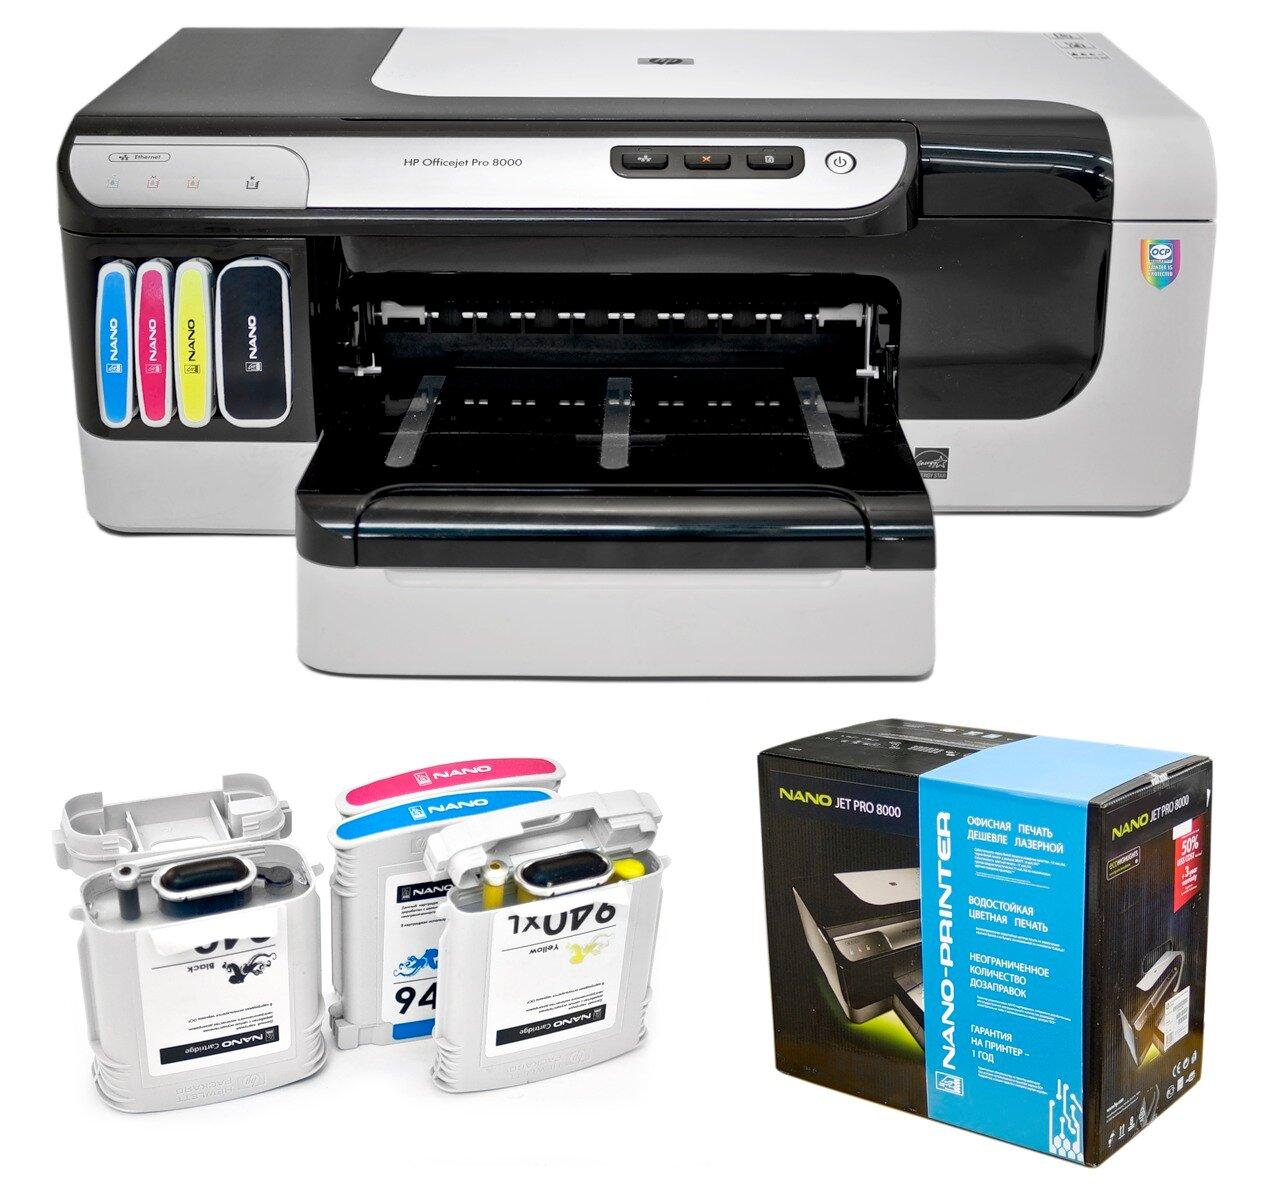 скачать драйвер принтер hp officejet pro 8500а